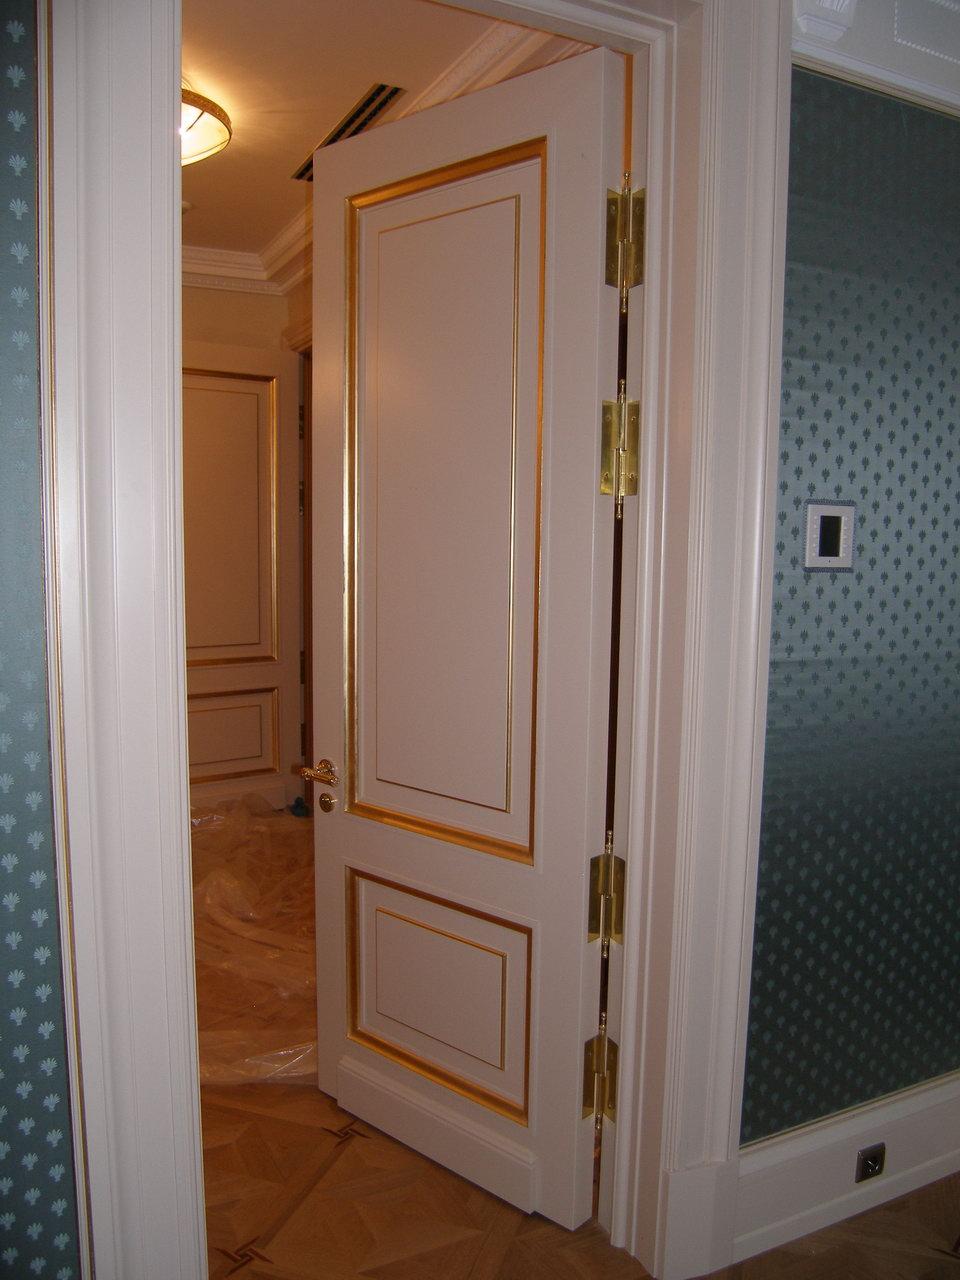 Декоративная покраска межкомнатной двери